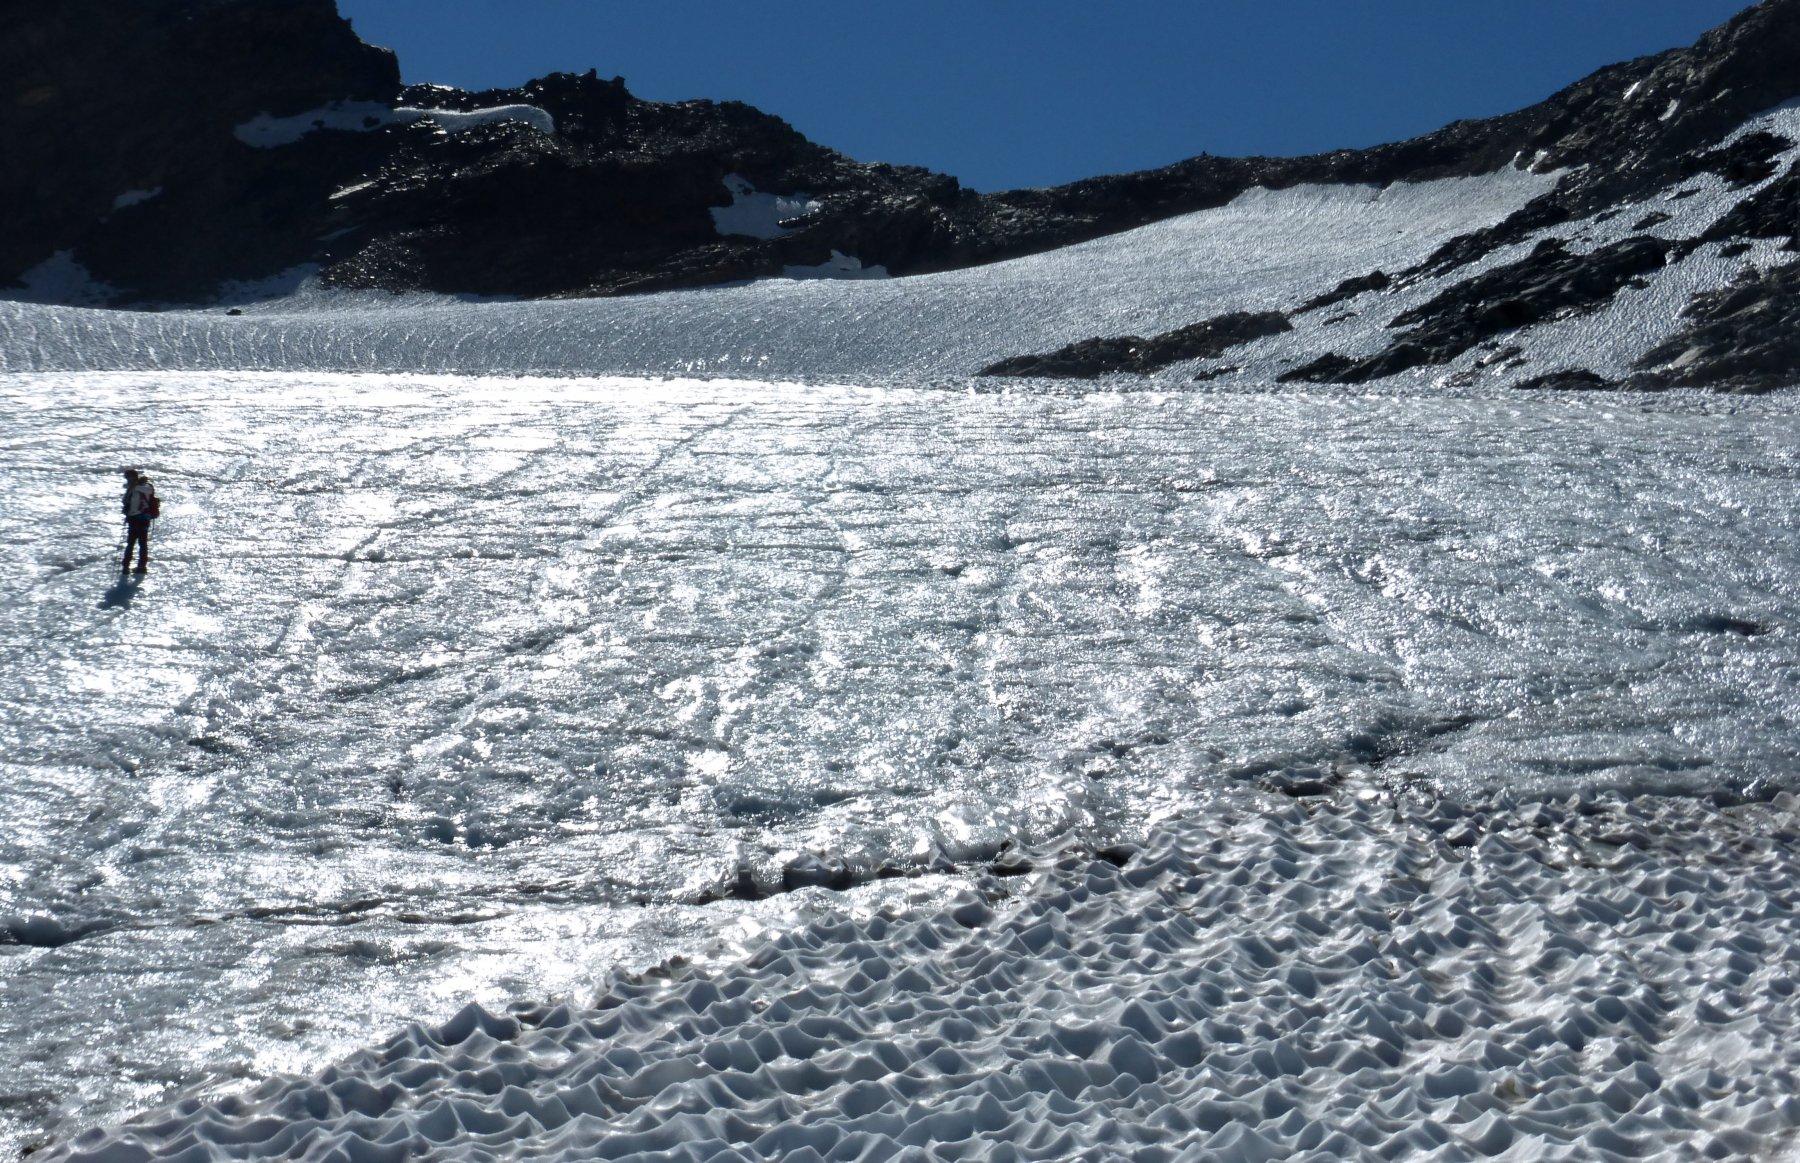 ghiacciaio scoperto + sul fondo ometto del colle